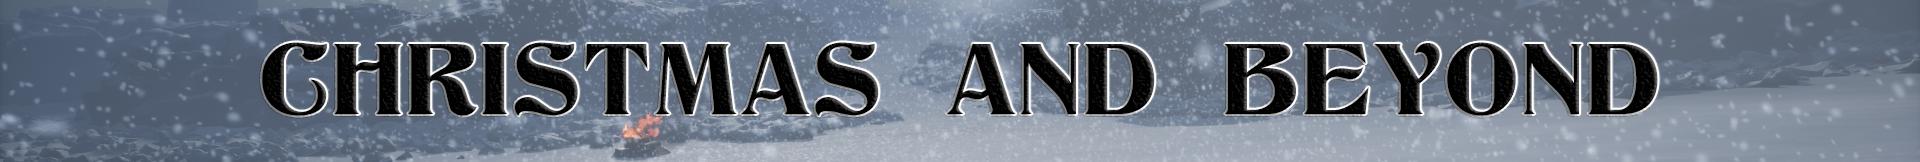 Christmas and Beyond